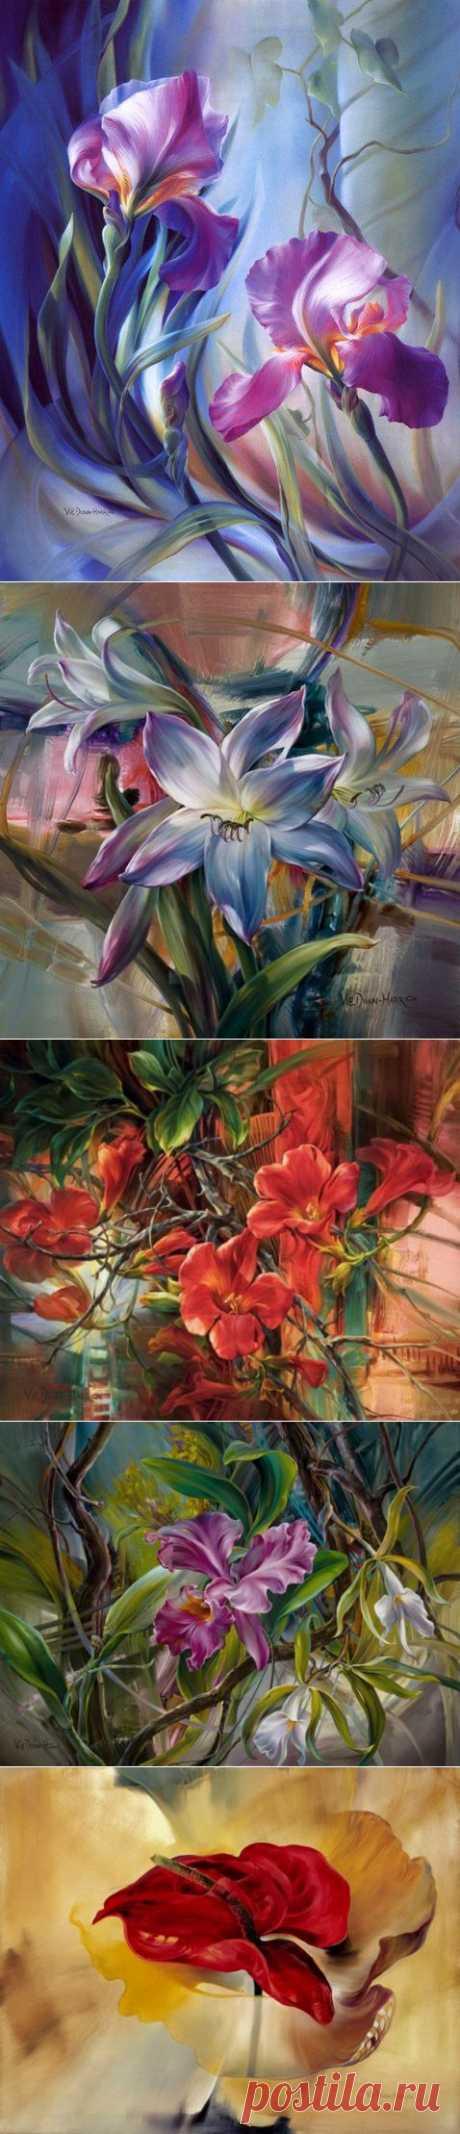 Потрясающие по красоте картины цветов от художника из Сан-Антонио……. | Арт и искусство